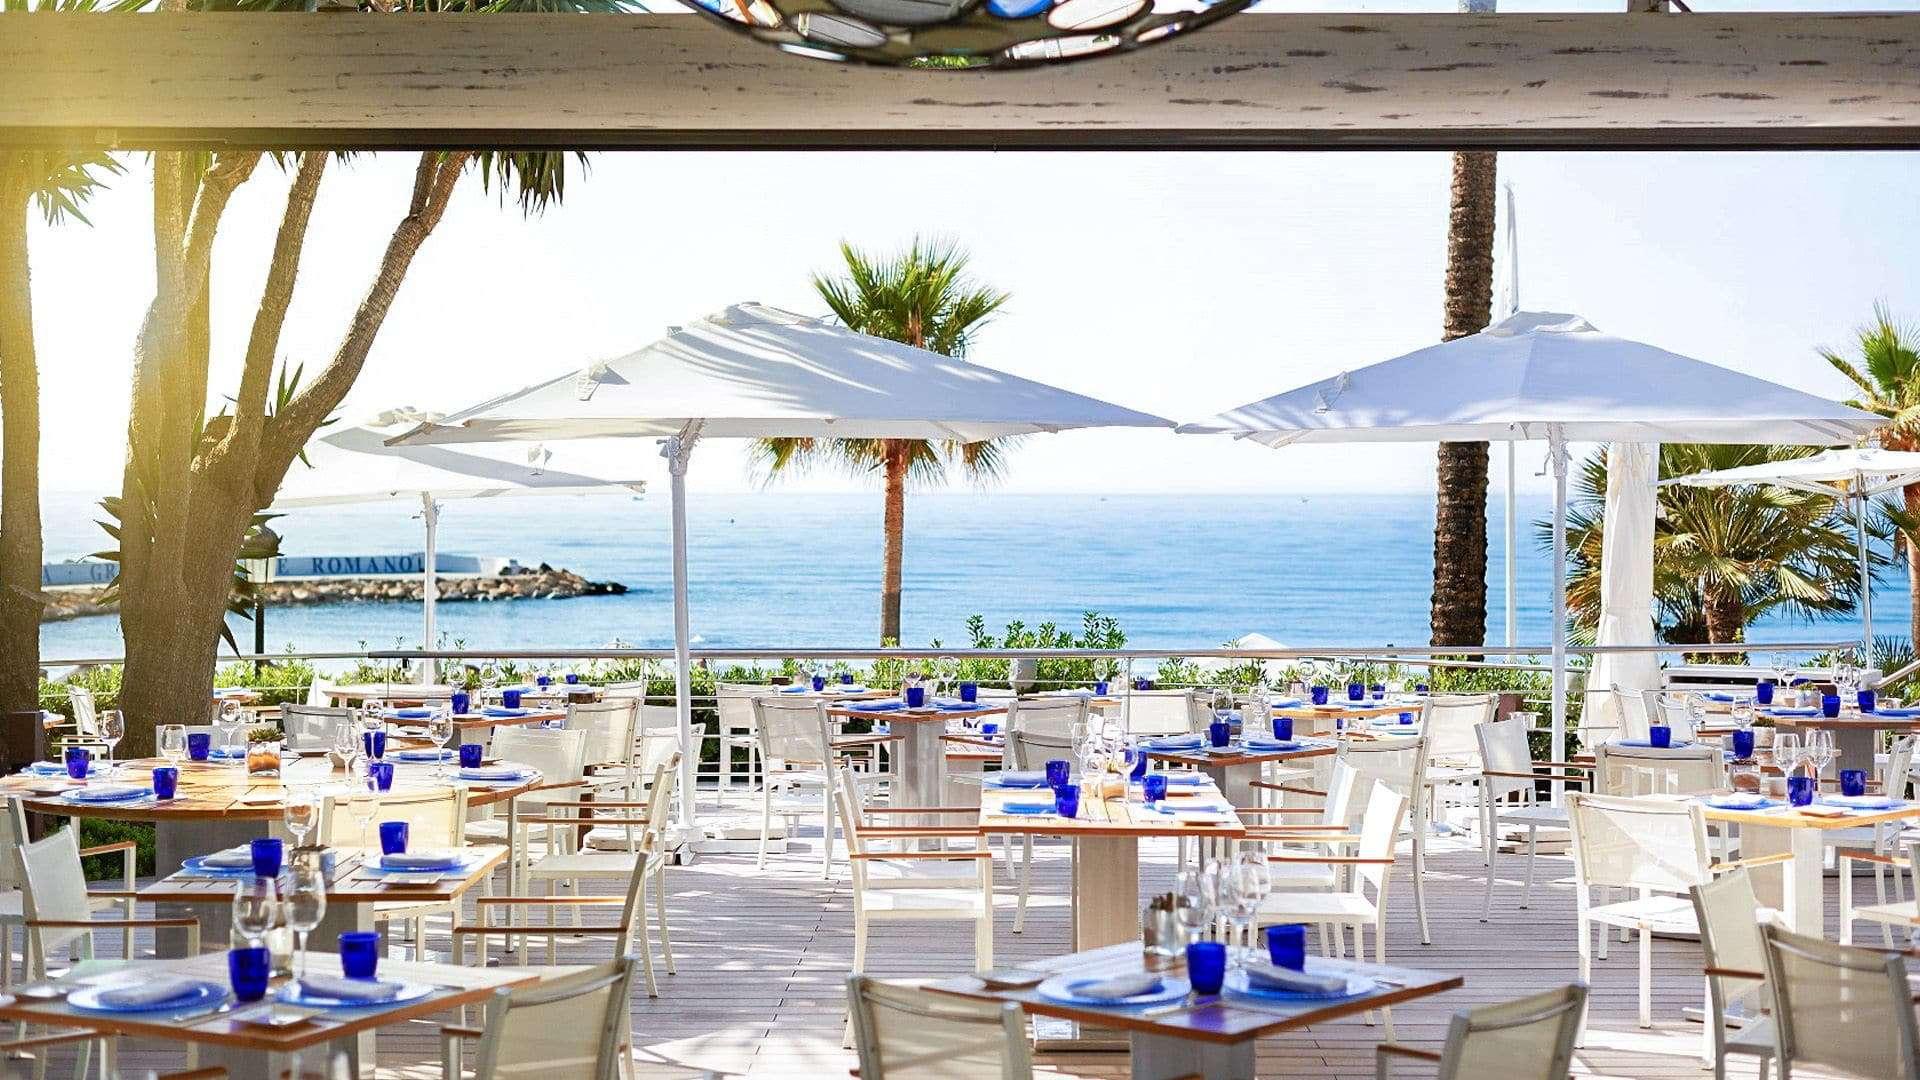 Puente Romano Marbella Restaurant